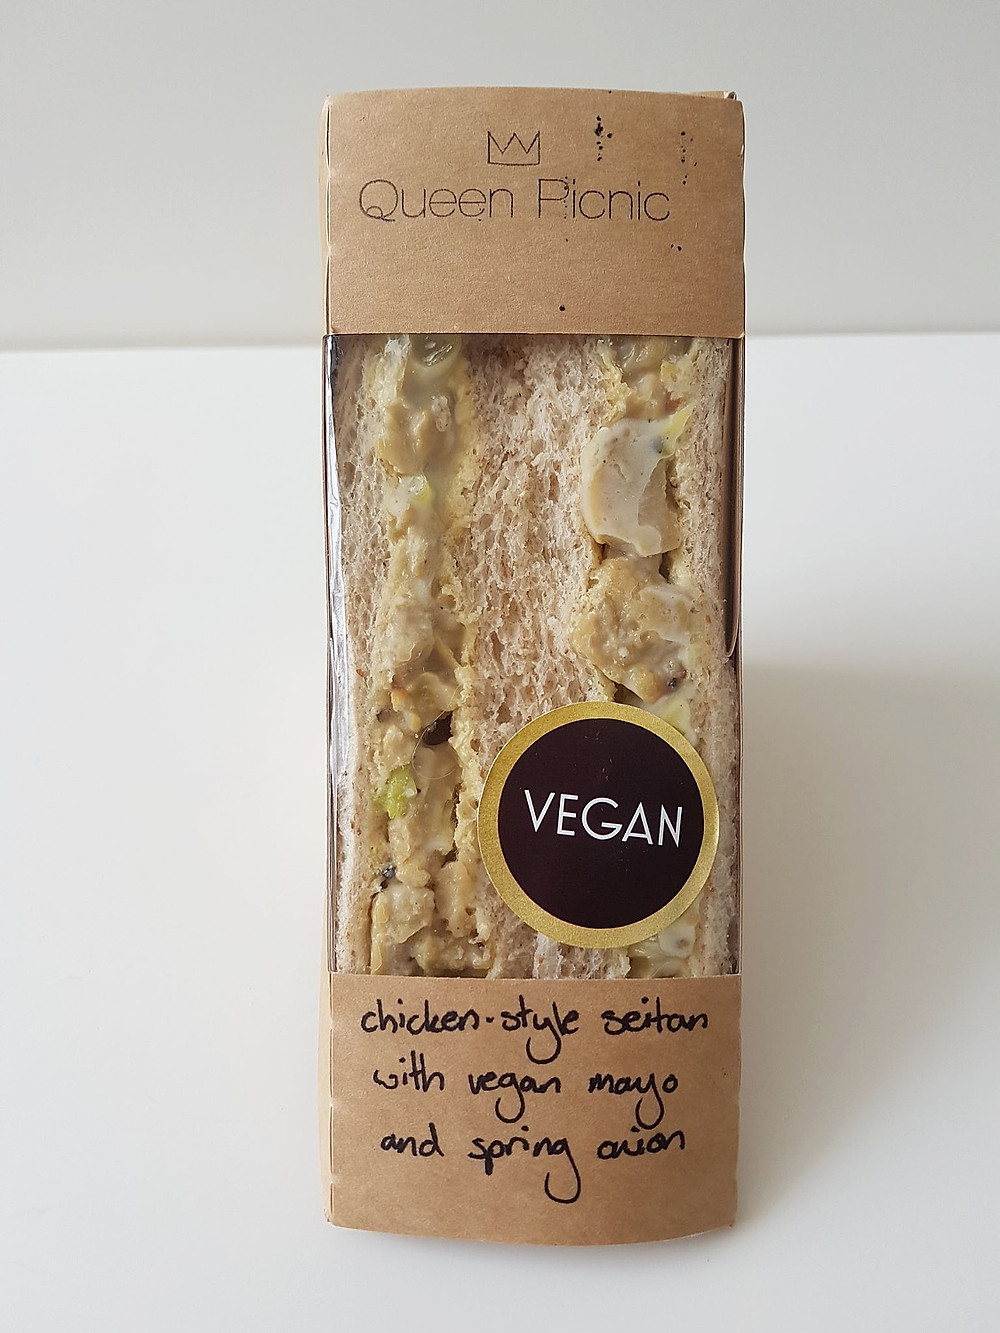 Queen Picnic Vegan Sandwich